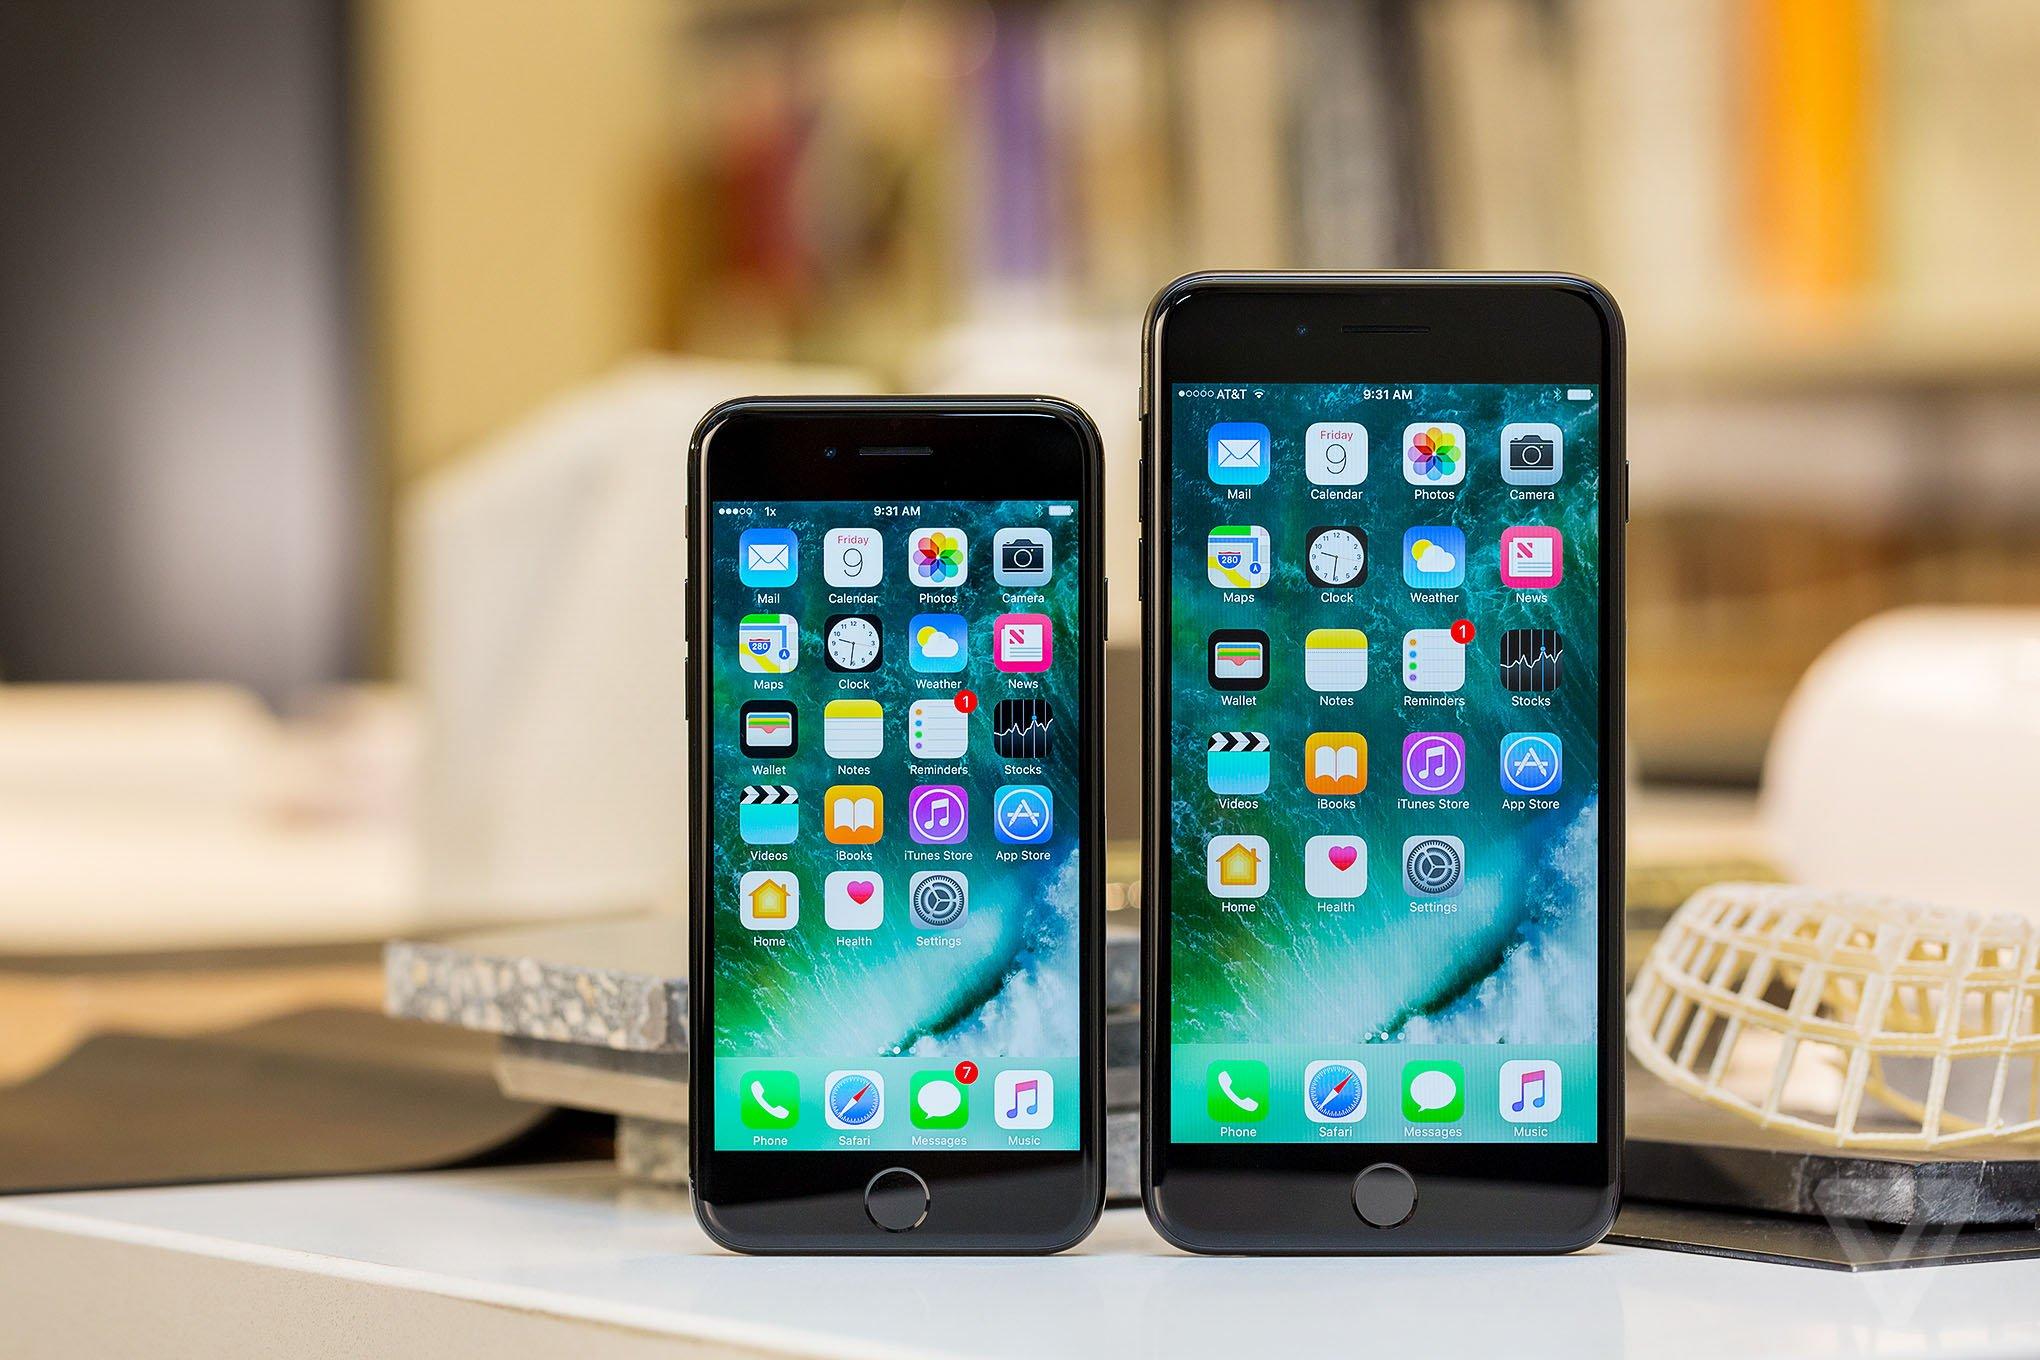 Новый бюджетный iPhone получит старые экран ипроцессор